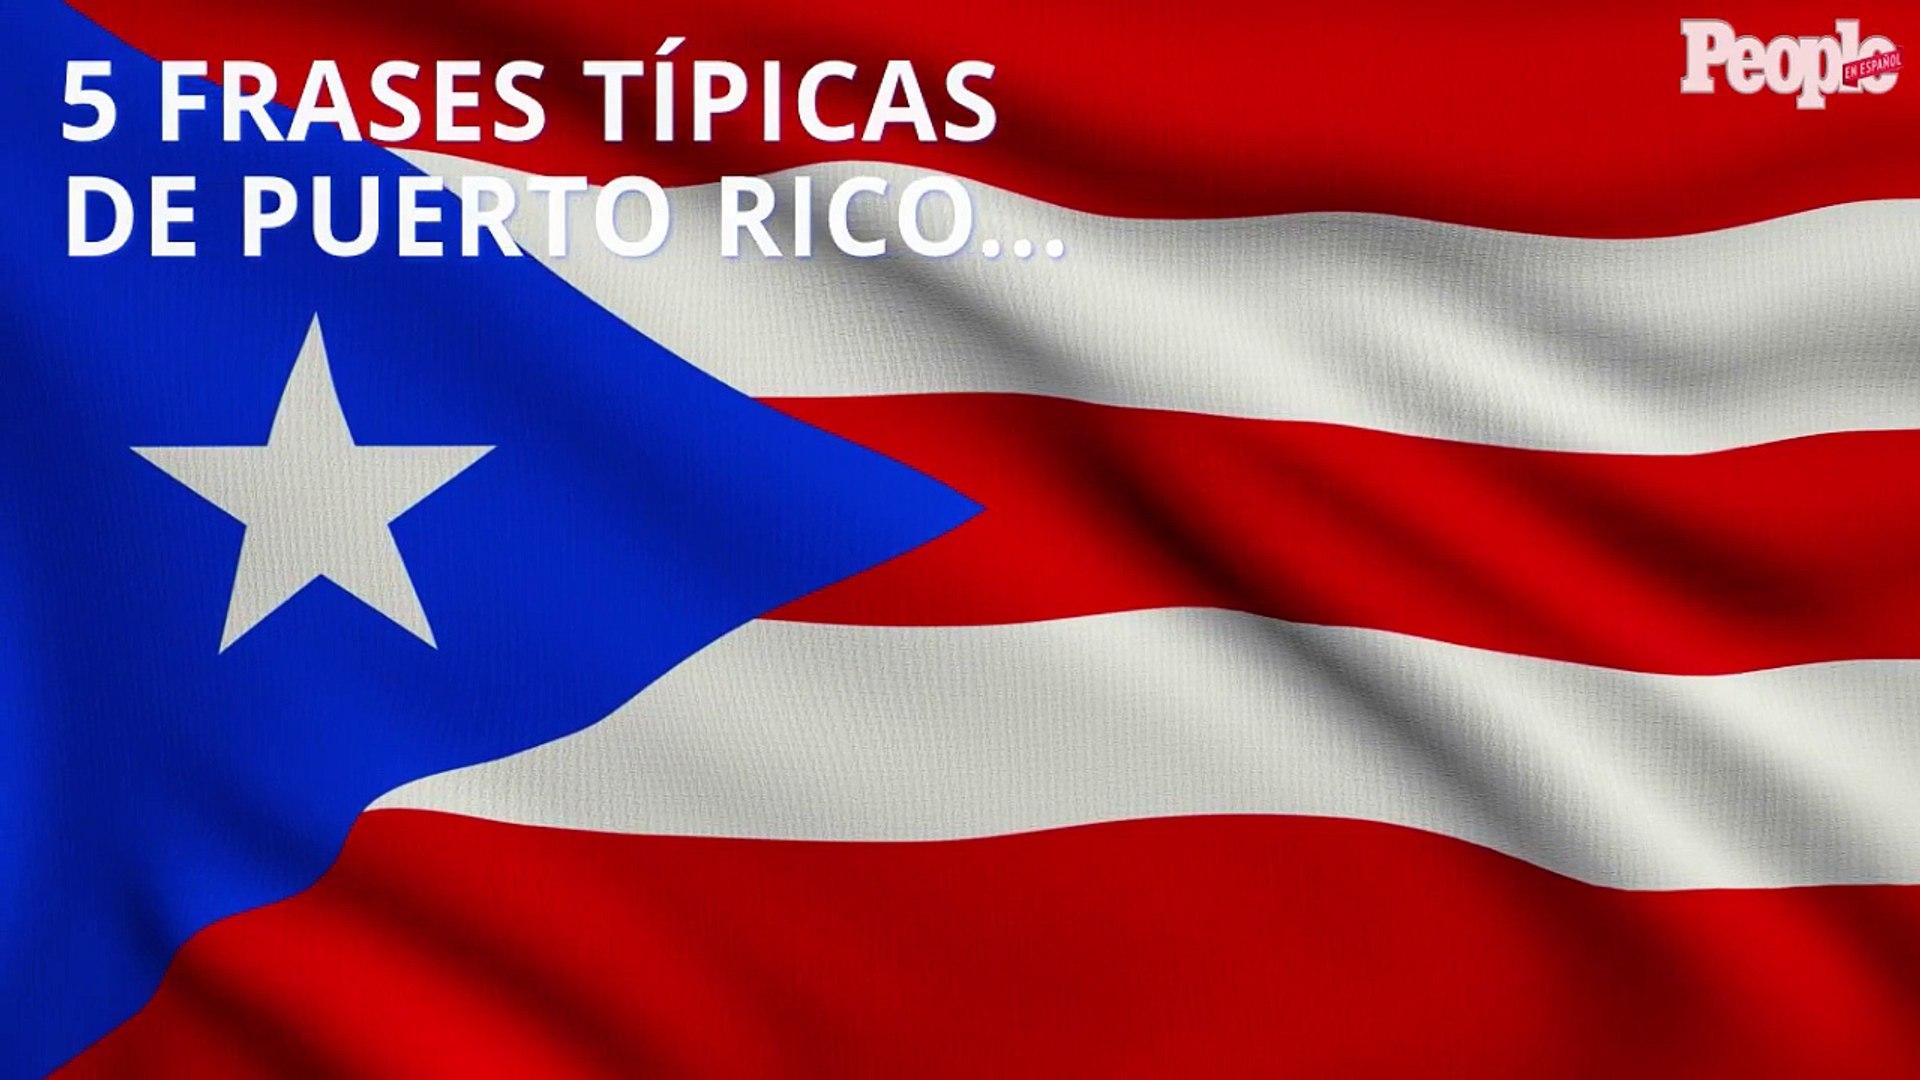 5 Frases Típicas De Puerto Rico